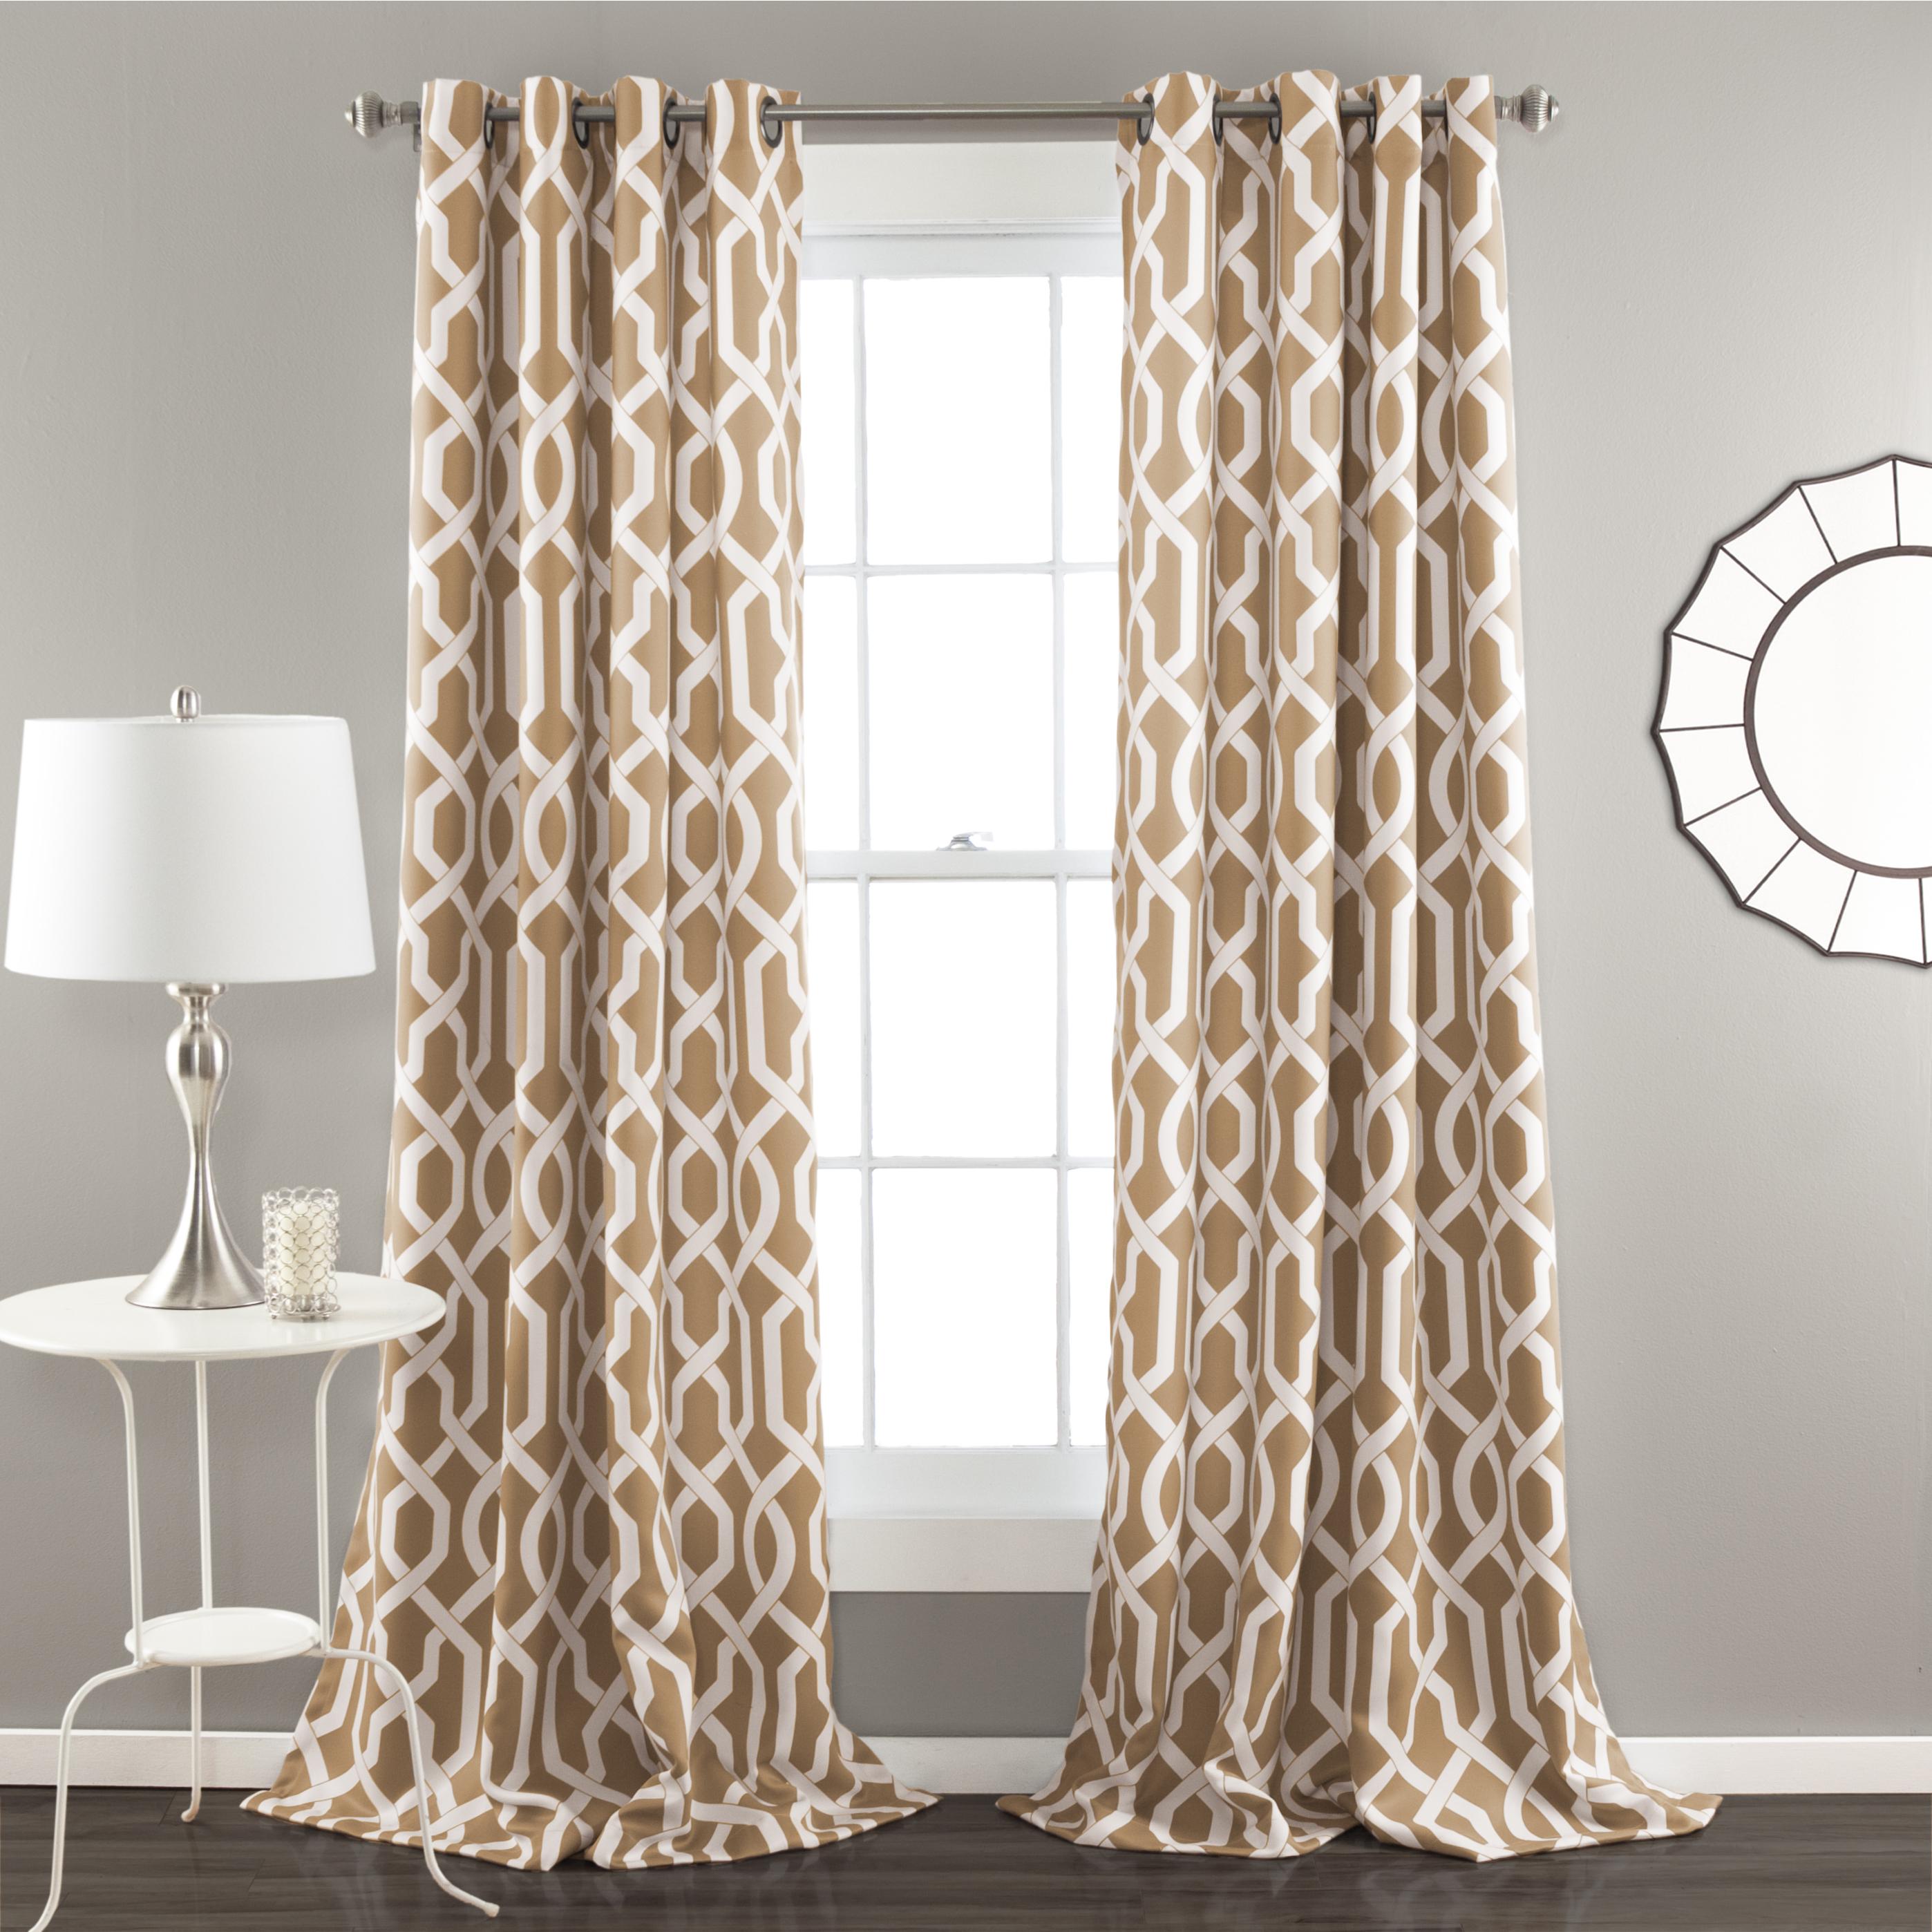 Details About Edward Trellis Room Darkening Window Curtain Taupe Set 52x84 Throughout Kaiden Geometric Room Darkening Window Curtains (View 13 of 20)